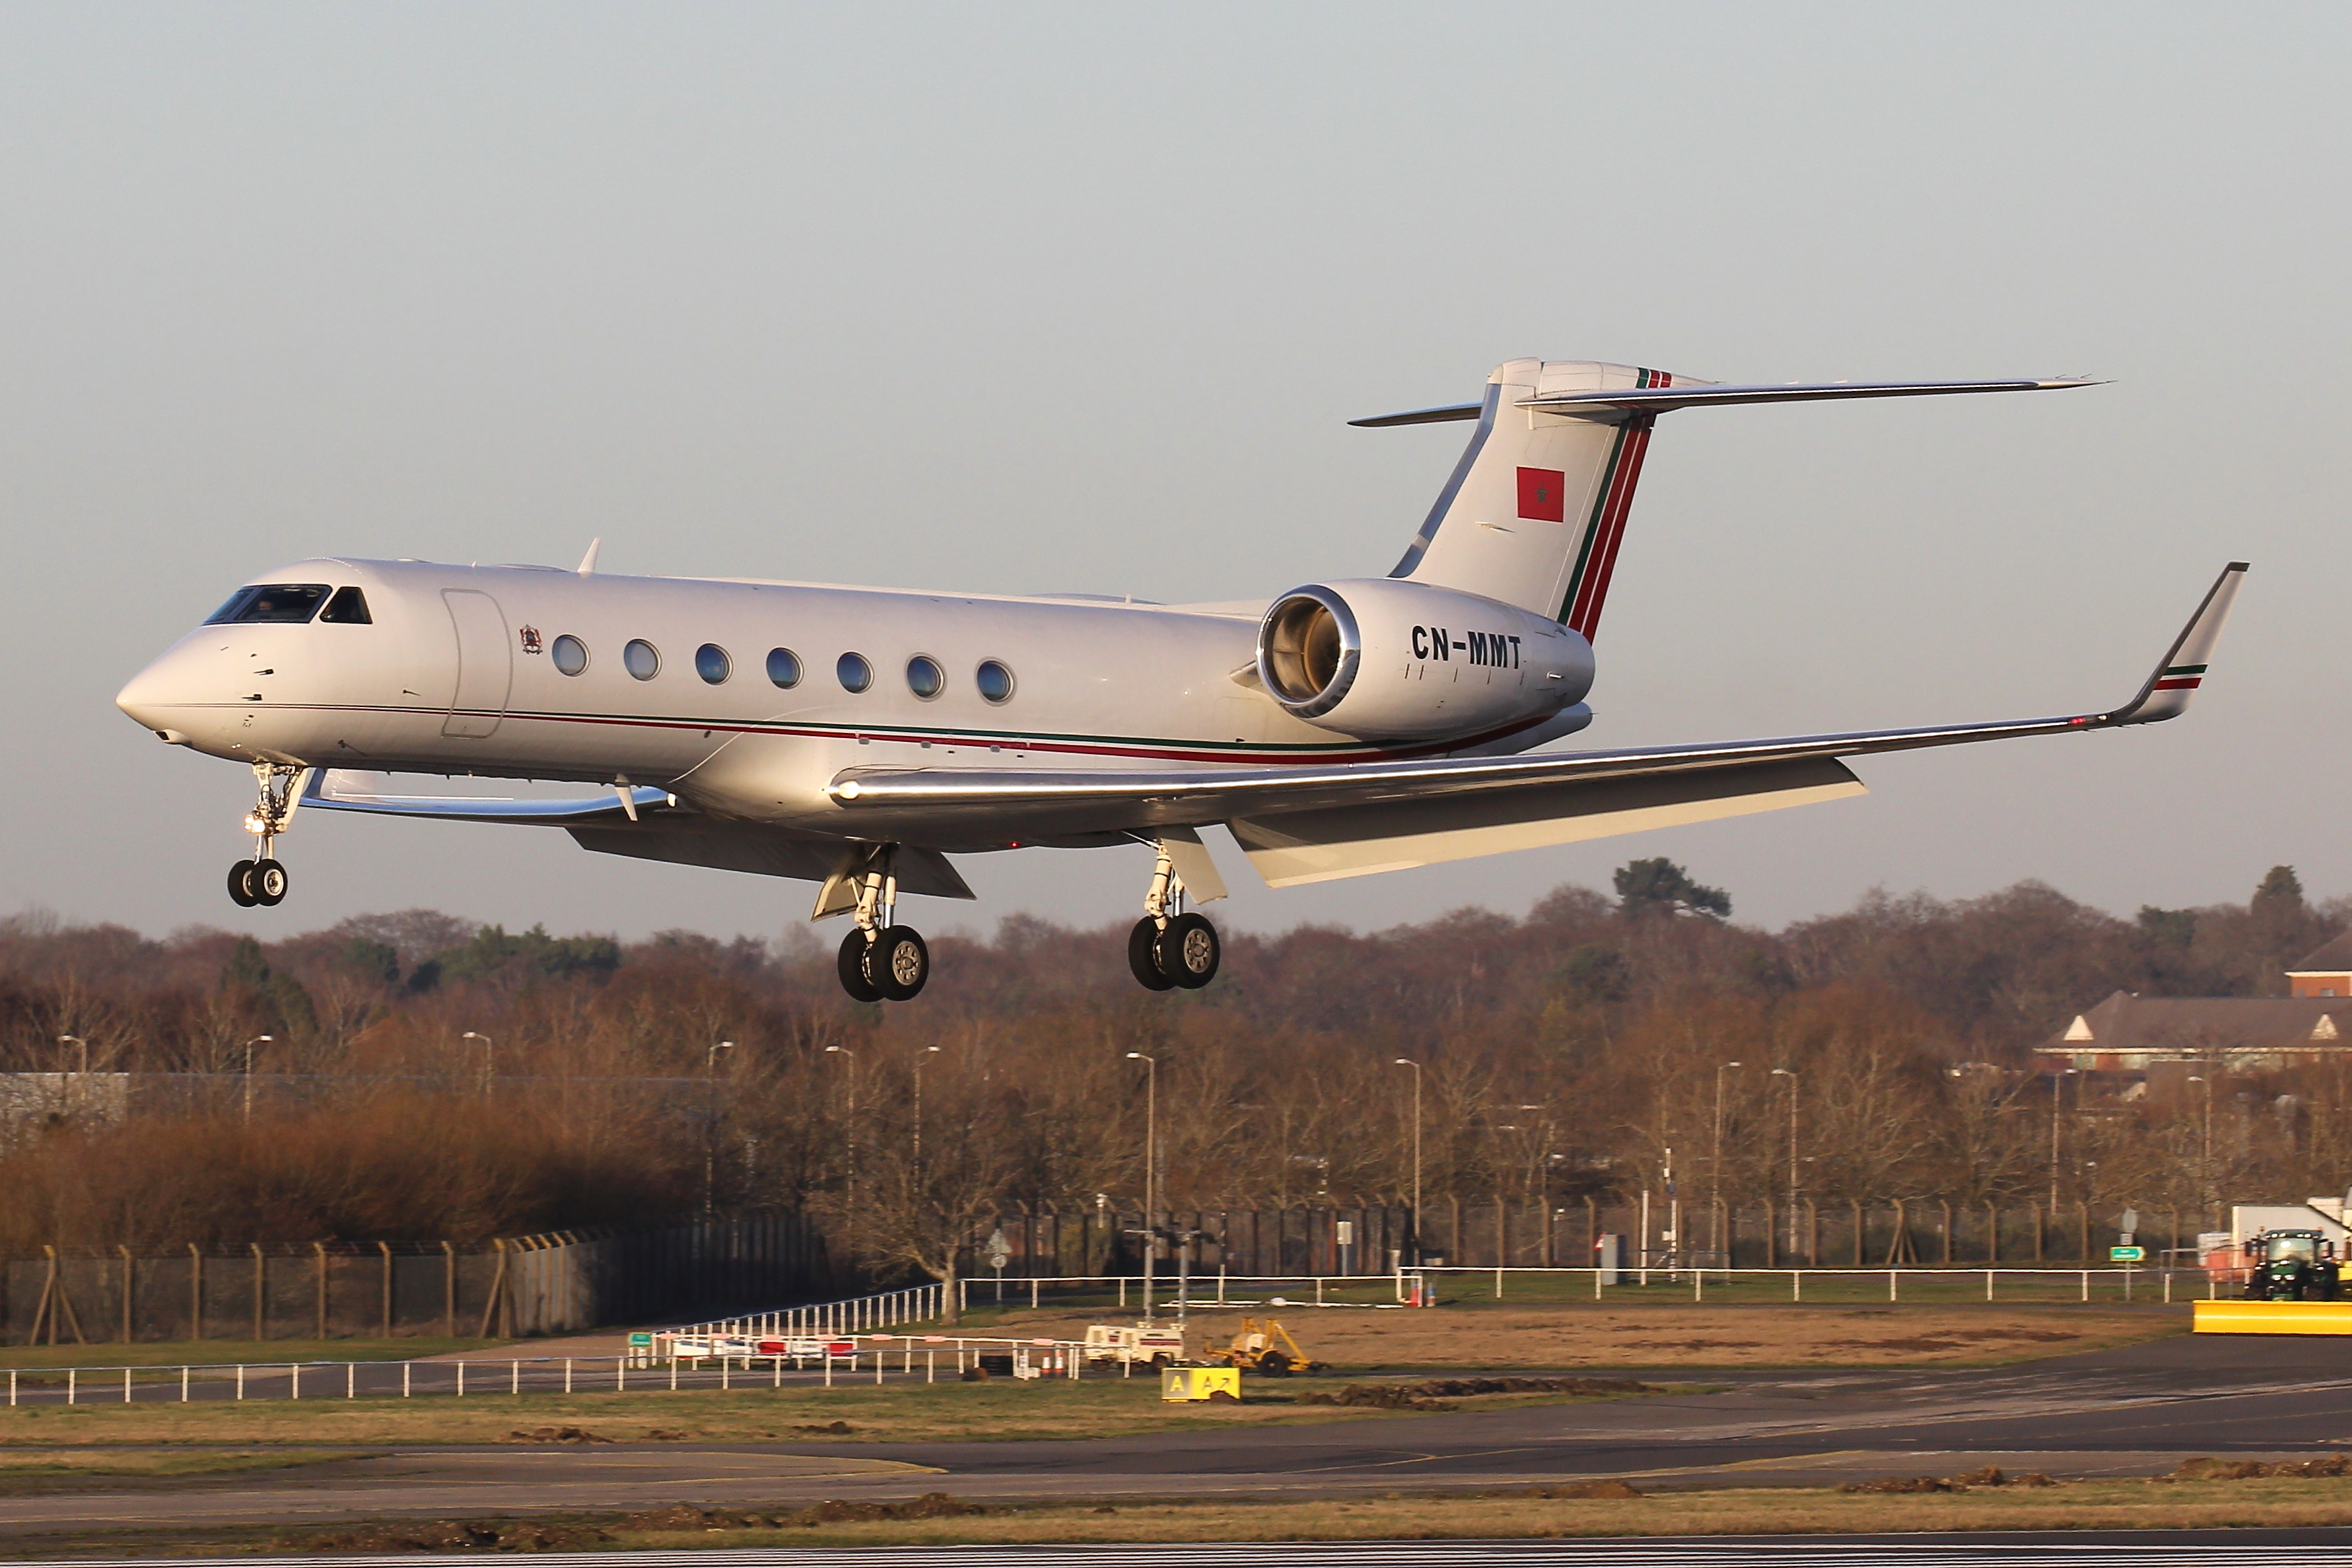 FRA: Avions VIP, Liaison & ECM - Page 24 49614146573_1e67a32cc7_o_d